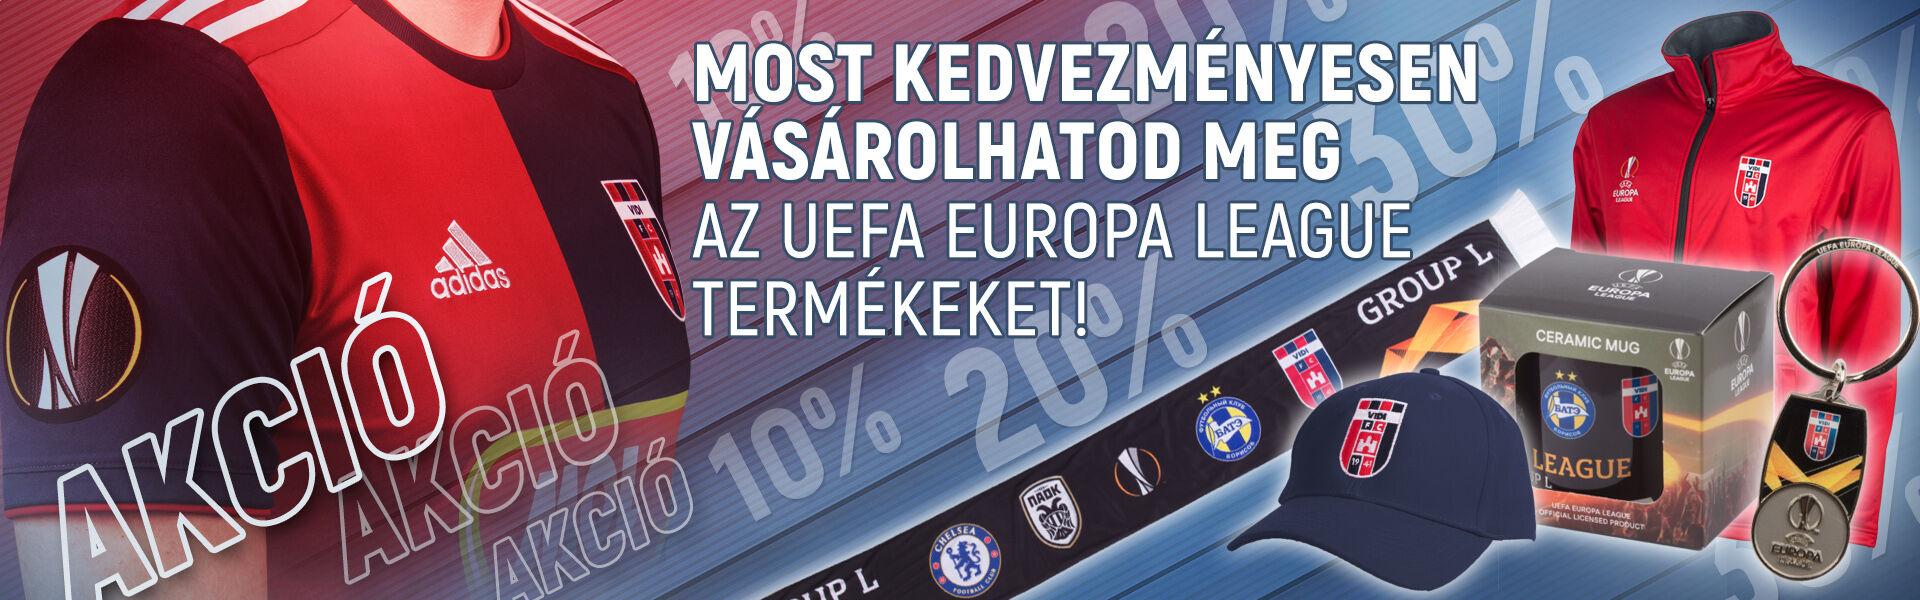 ff41e91e24 Kupagyőztes Költözés 50% kedvezmény Europa League termékek akció  Bérletkedvezmény 2019 Gálaruházat Adidas táskák